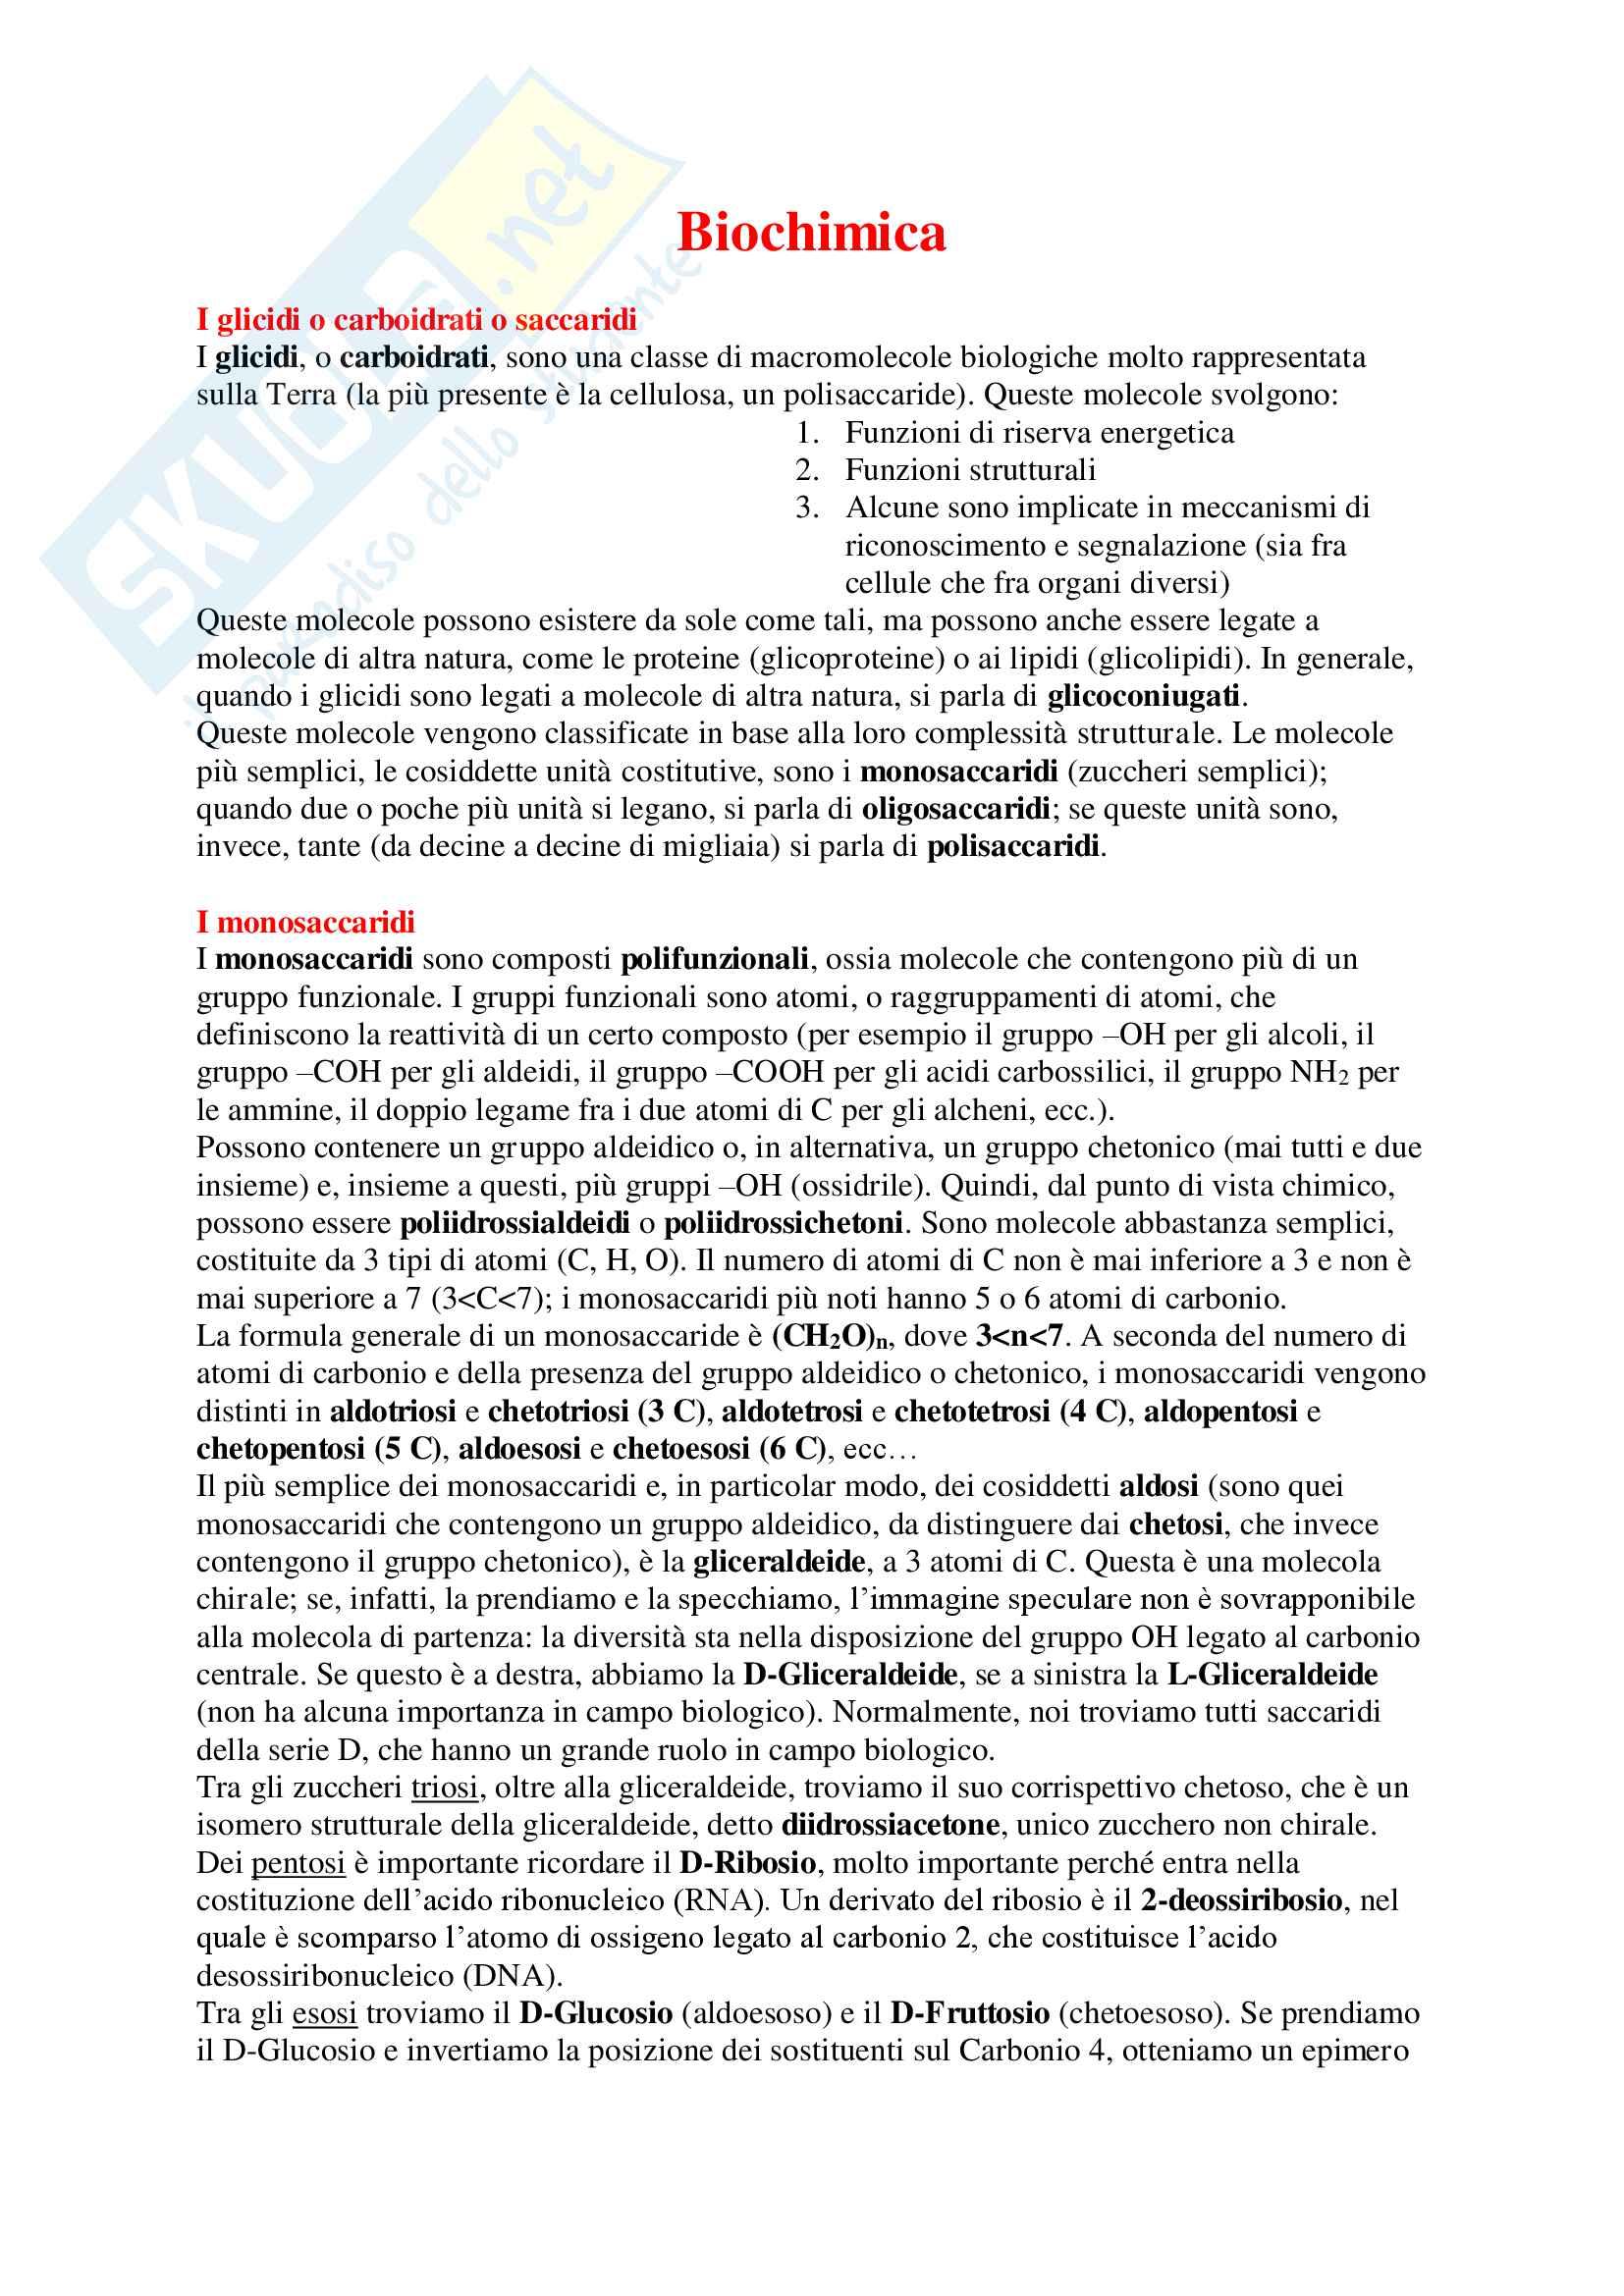 Chimica Organica (Biochimica) - Appunti Completi